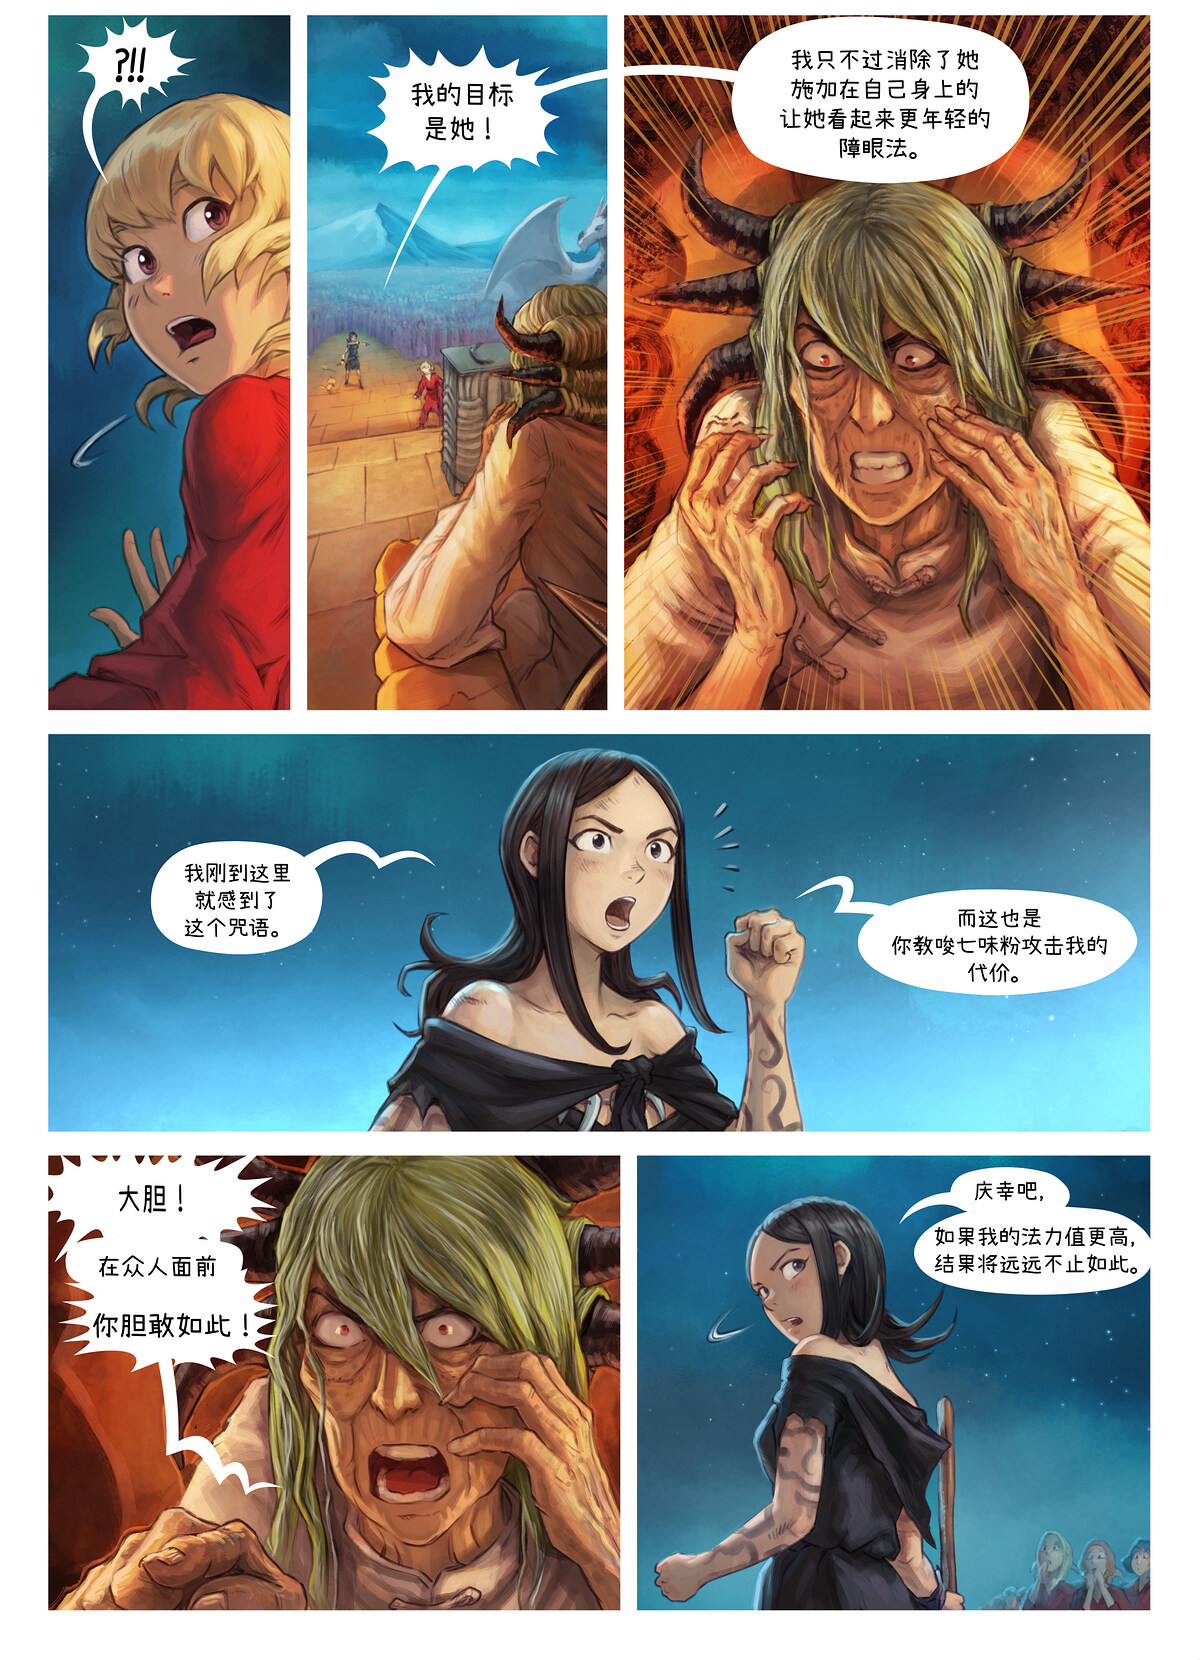 第34集:七味粉的册封仪式, Page 8